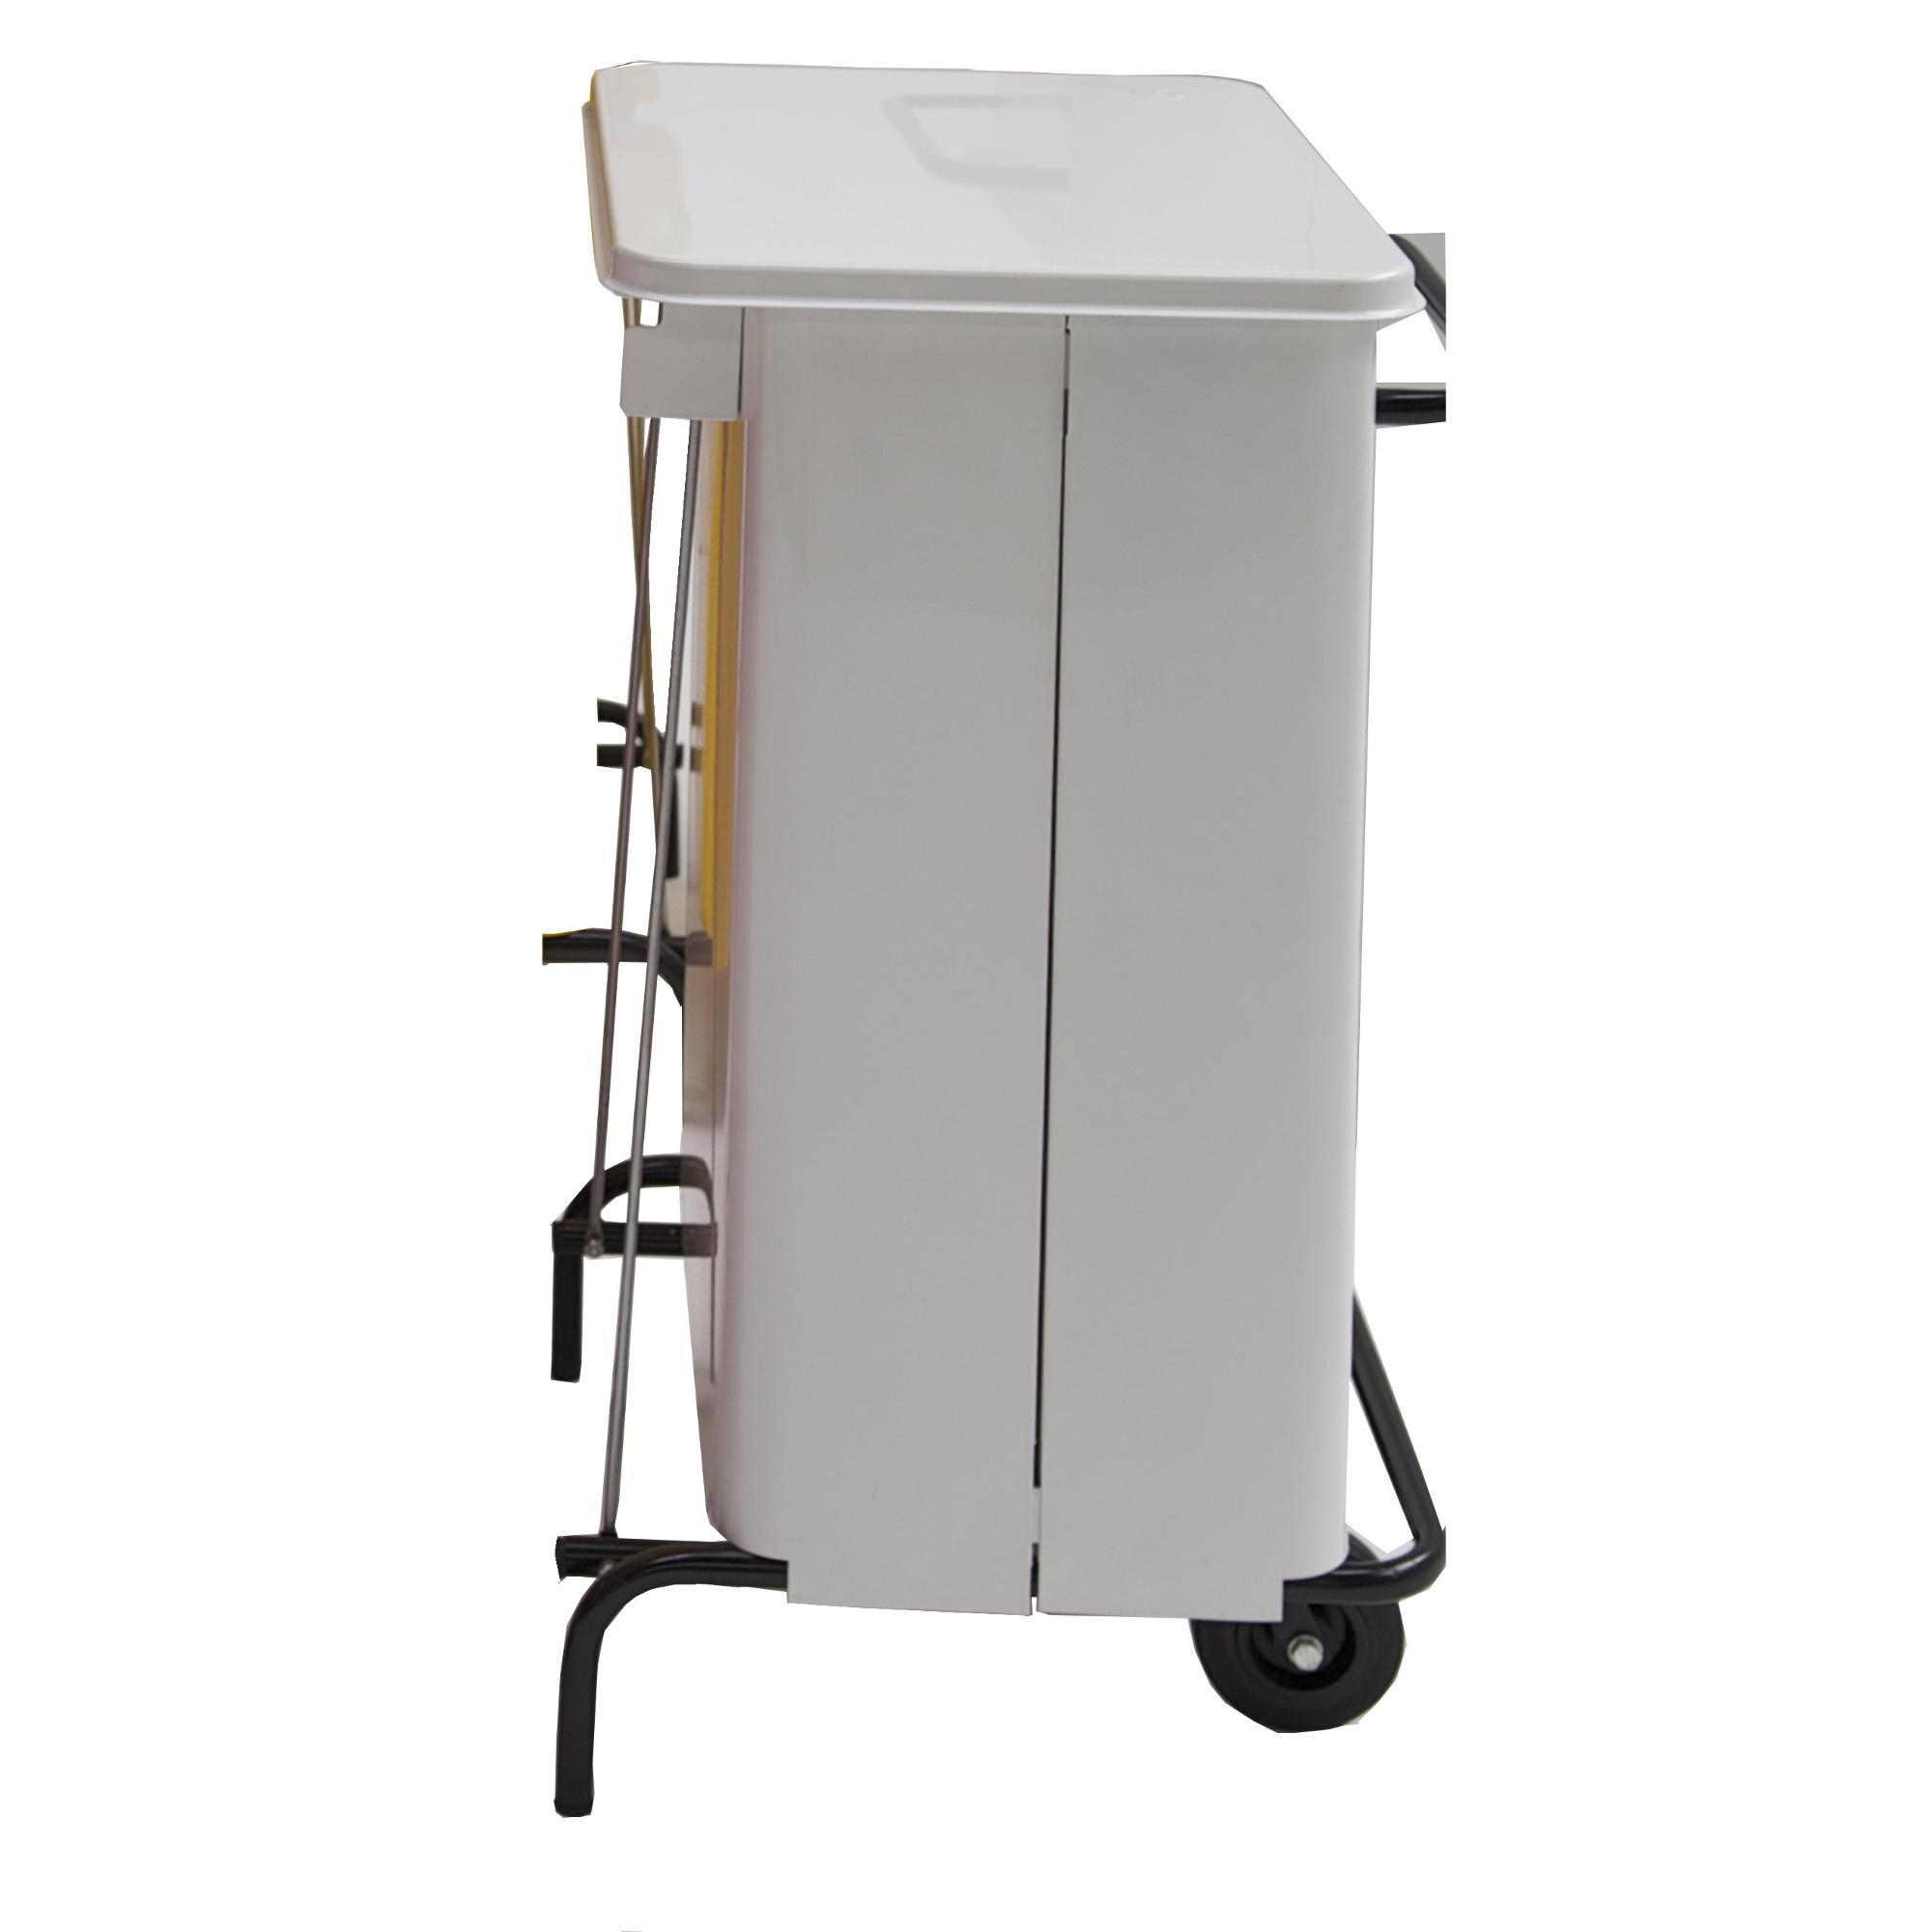 Pattumiera con ruote rettangola midi 48x46xh 76 litri 70 colore bianco graepel spa - Casa midi cucine prezzi ...